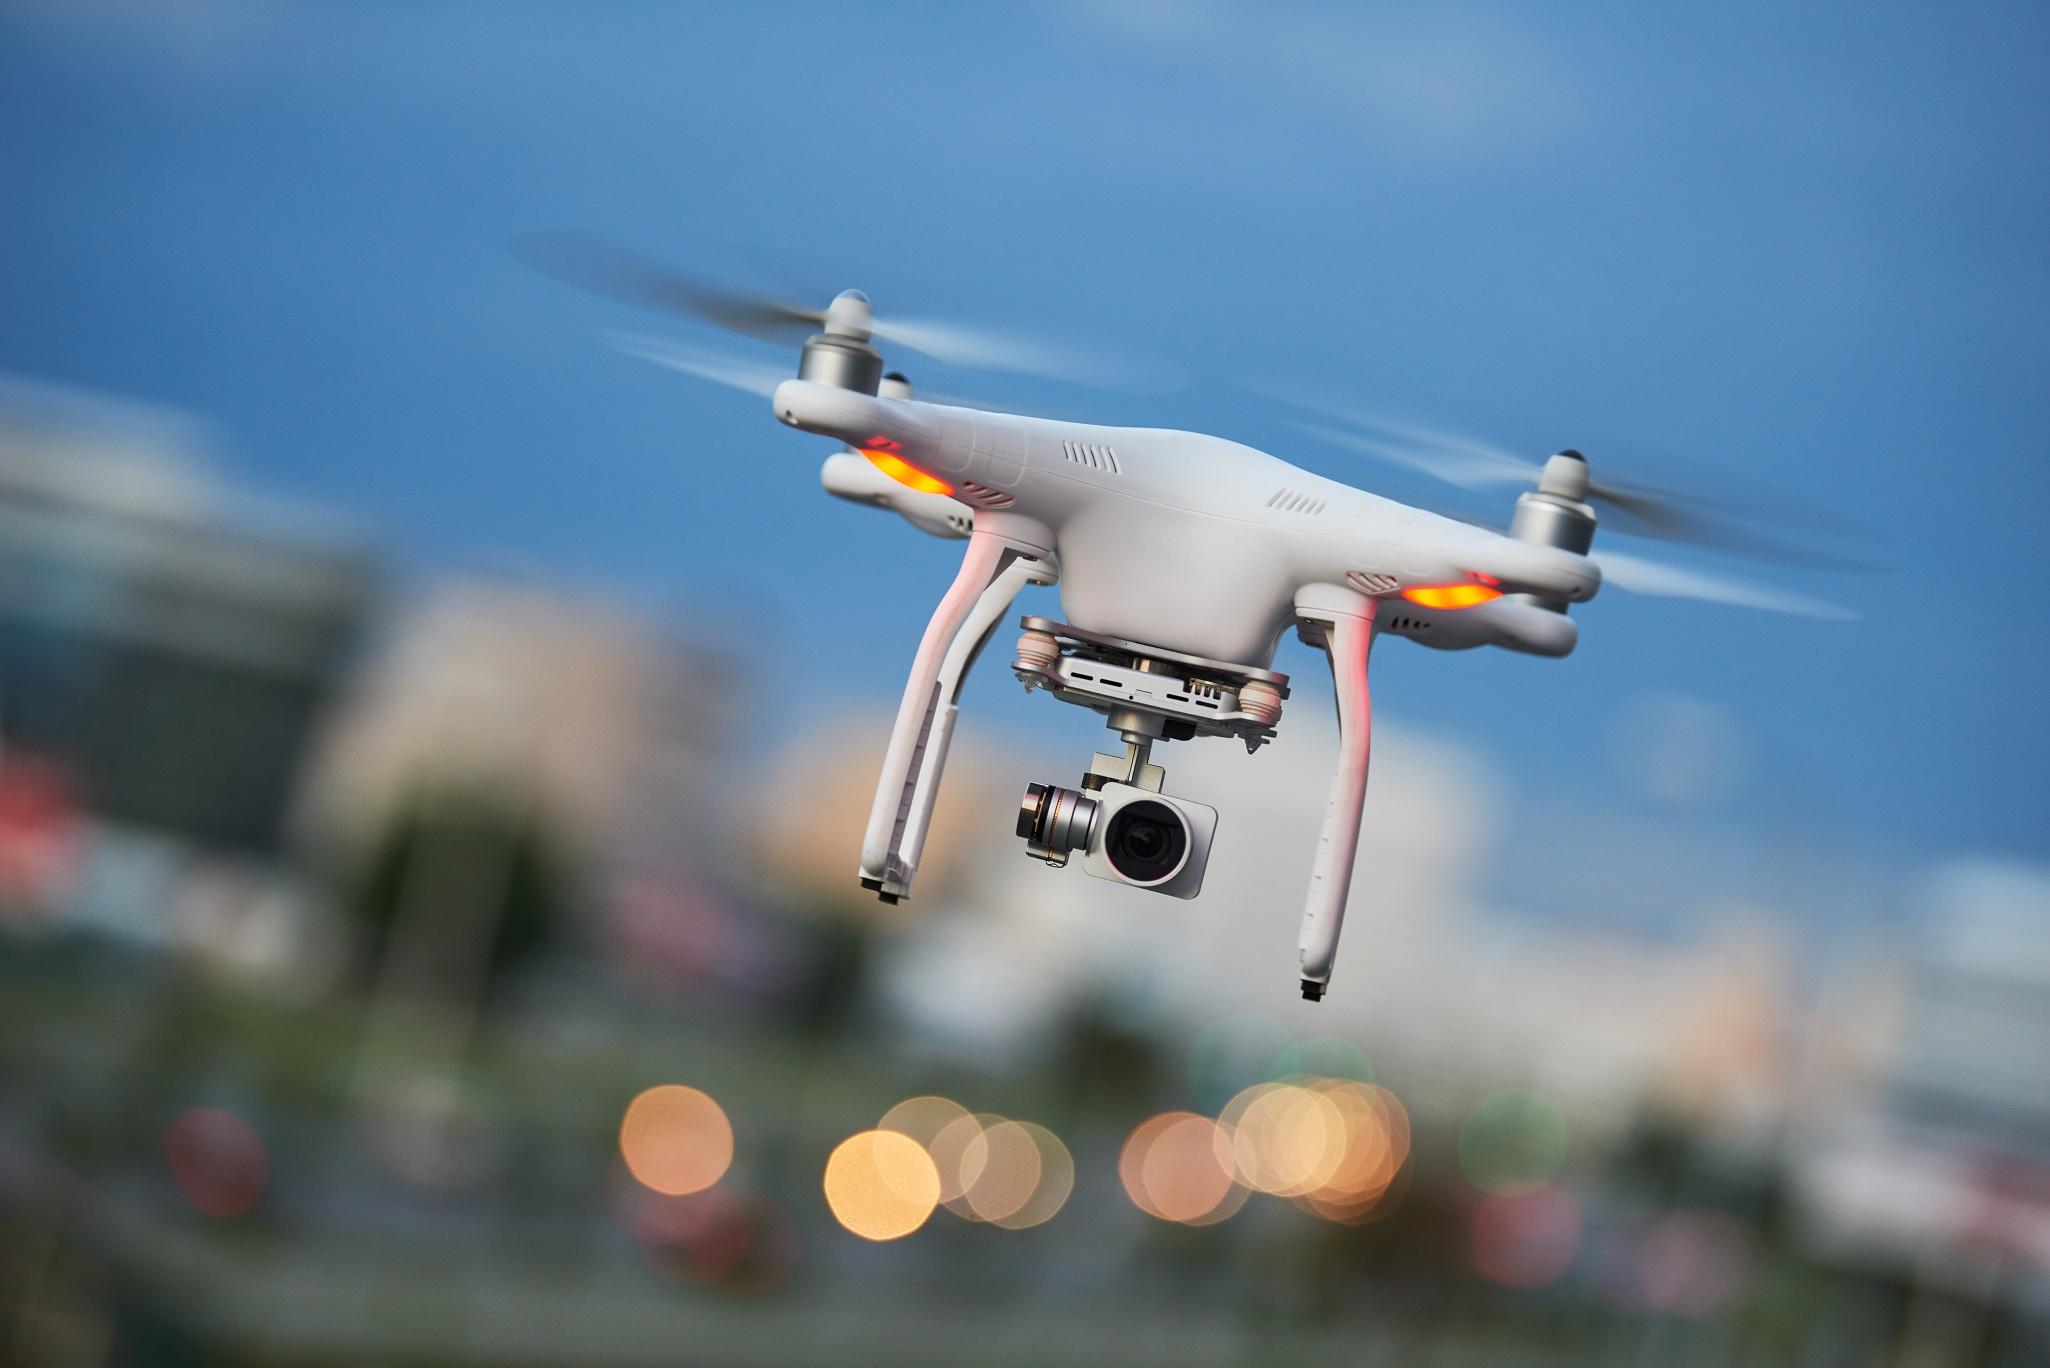 интересные фото дронов